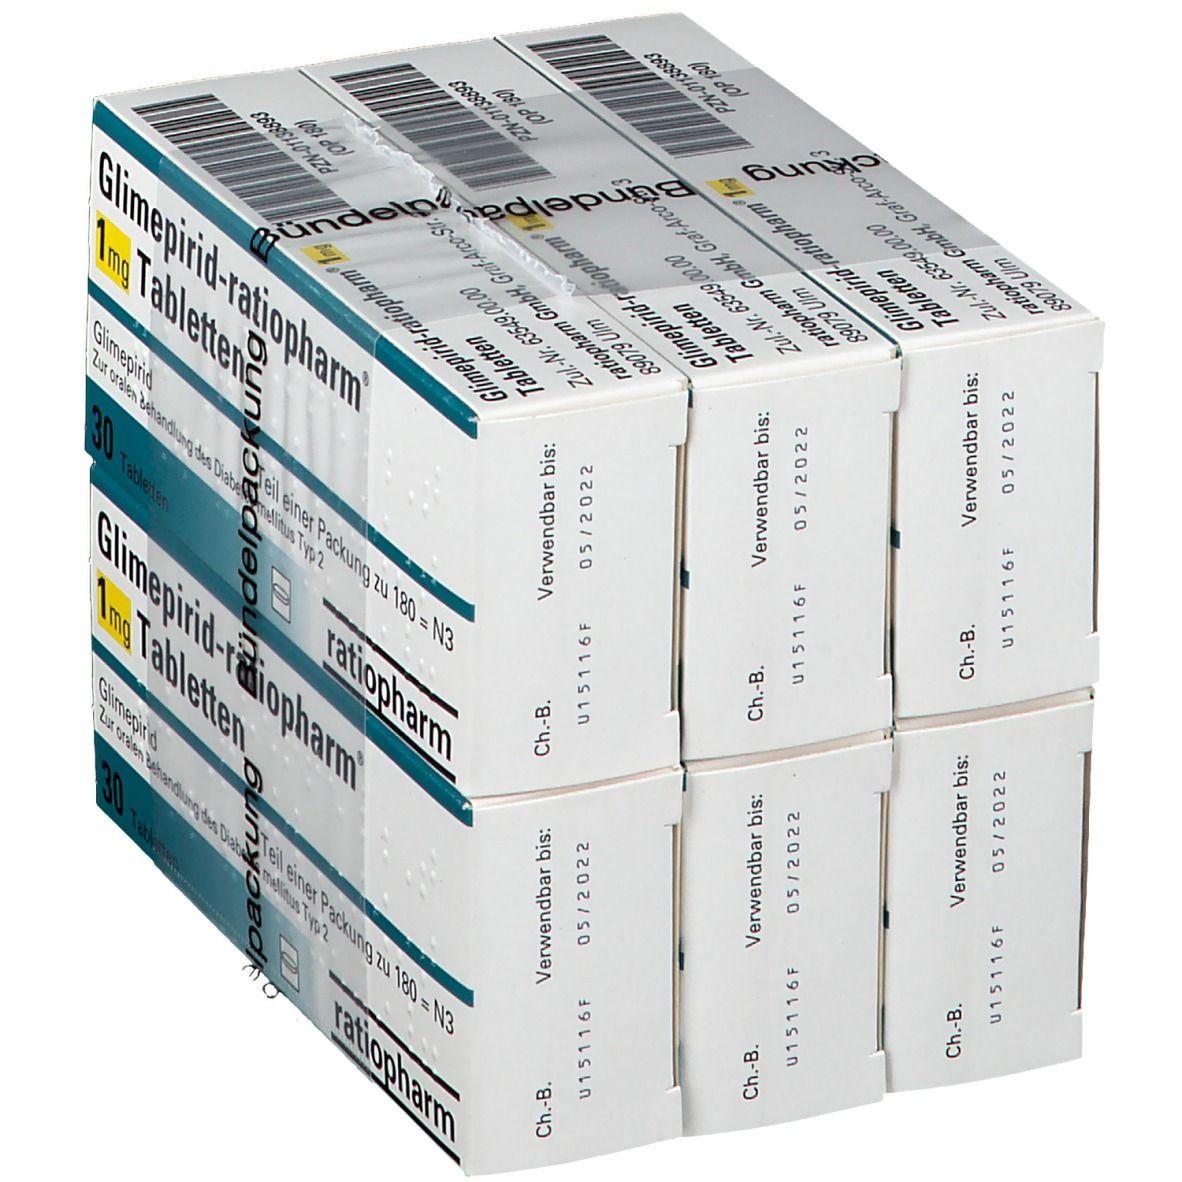 GLIMEPIRID ratiopharm® 1 mg Tabletten